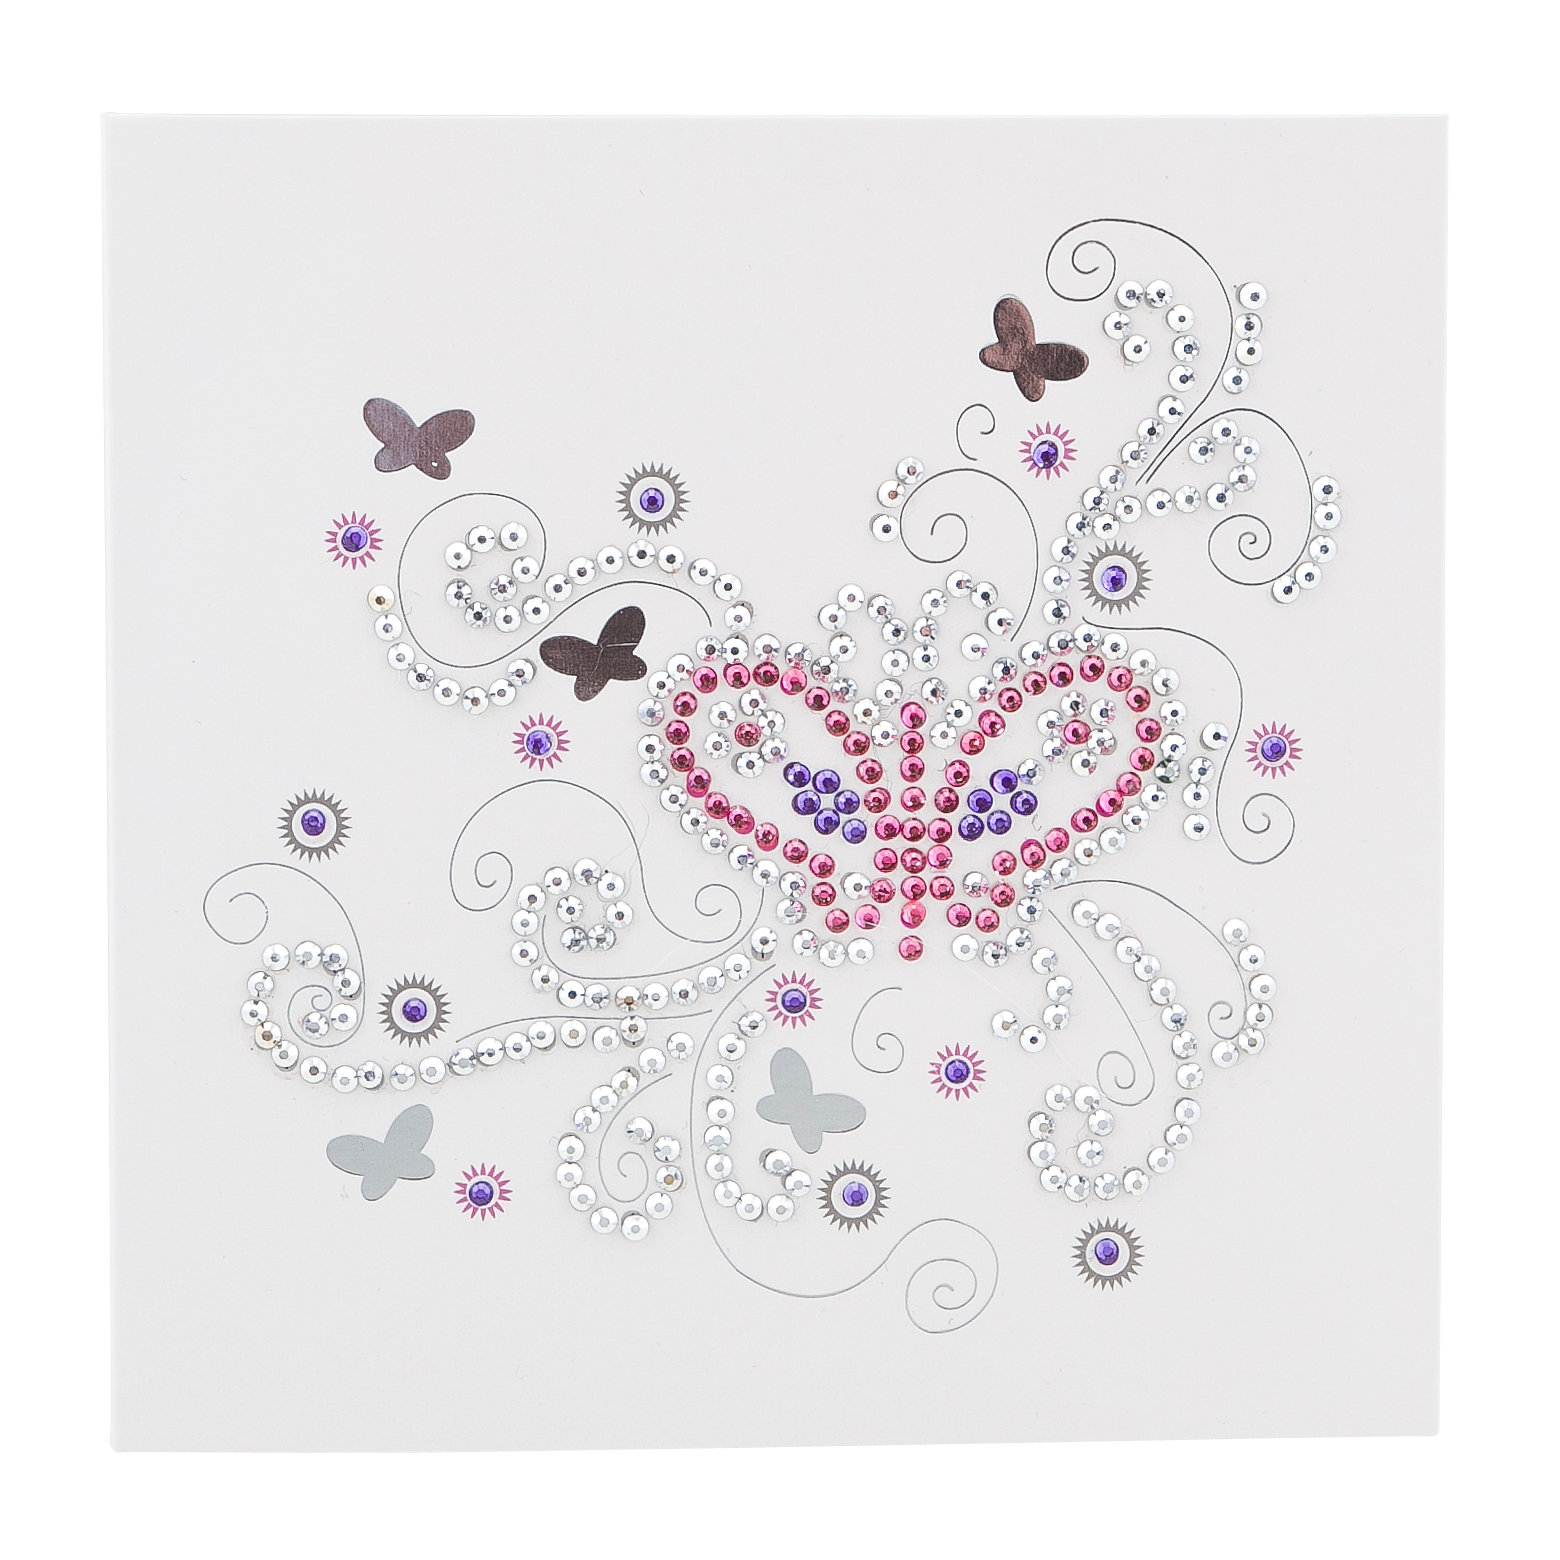 crystal cards diy crystal card kits 5d diamond painting